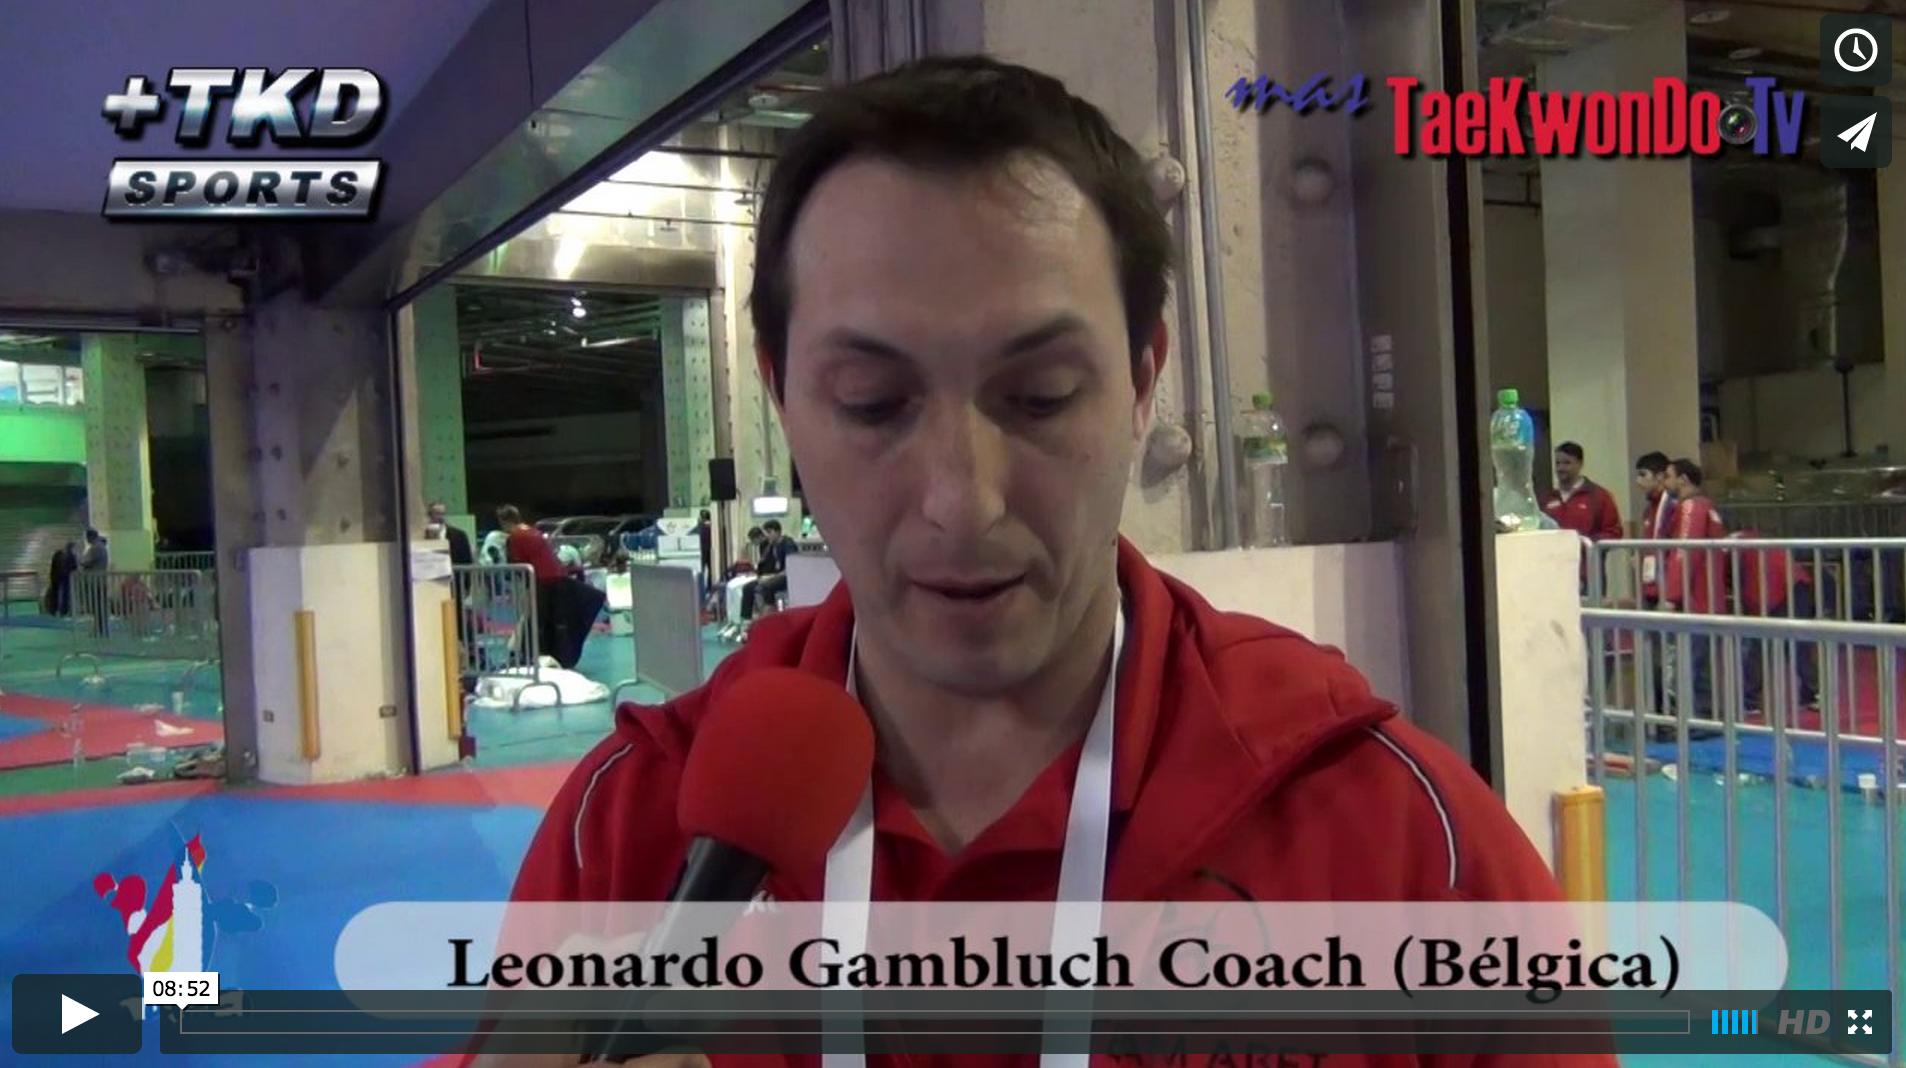 Bélgica, que está conformada actualmente por dos federaciones, clasificó en su conjunto a cuatro deportistas. MasTaekwondo TV conversó con el entrenador de la Asociación Belga Francófona de Taekwondo, el argentino Leonardo Gam-bluch, quien nos explica en detalle como funciona el Taekwondo en Bélgica.